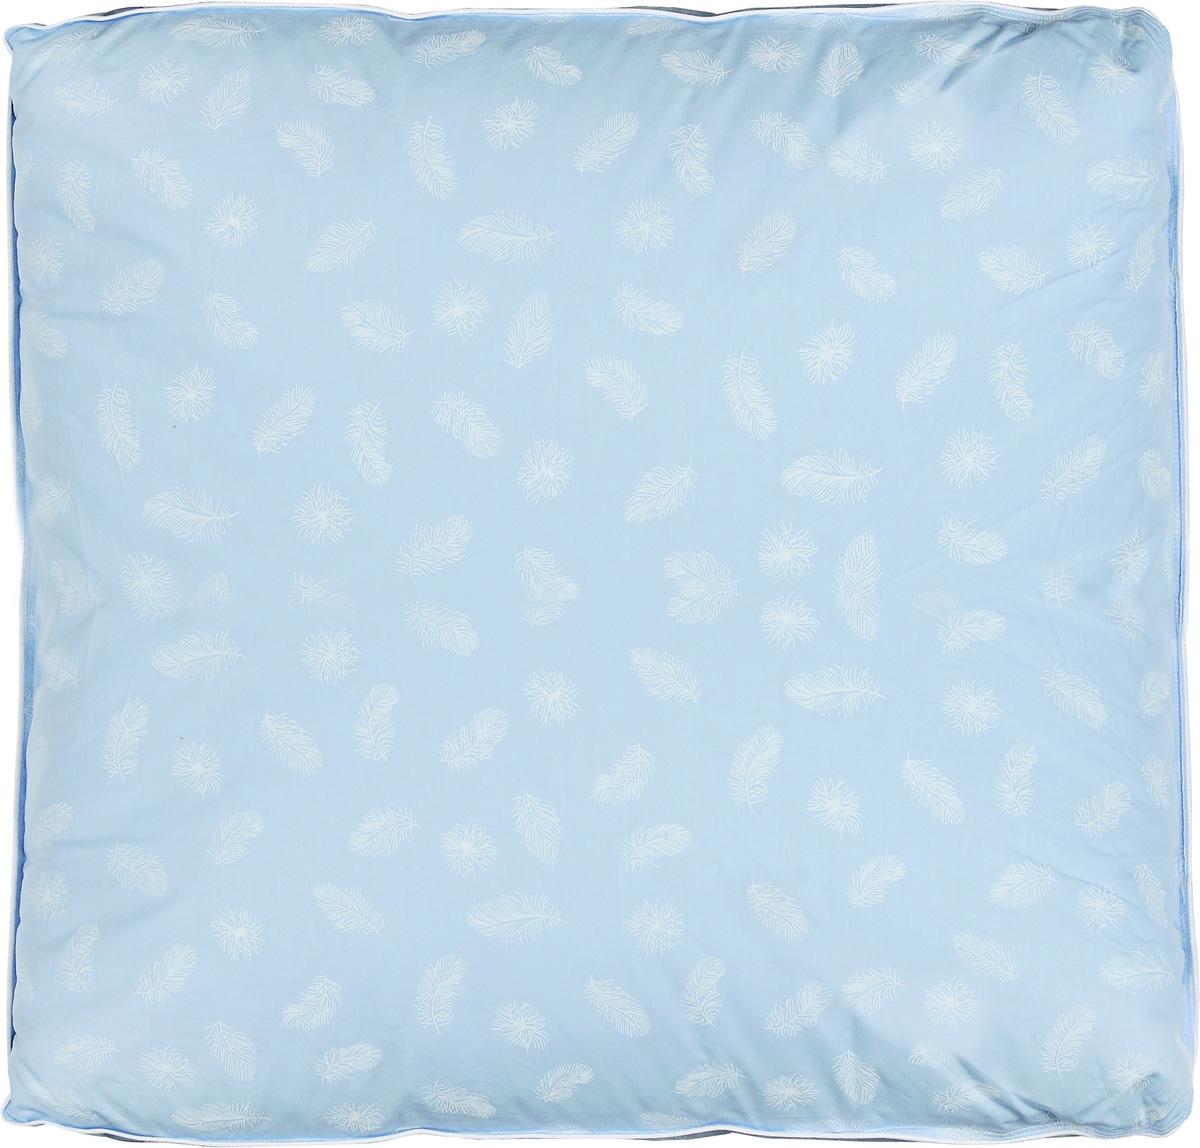 Подушка Легкие сны Донна, наполнитель: гусиный пух второй категории, 60 x 60 смS03301004Подушка Легкие сны Донна поможет расслабиться, снимет усталость и подарит вам спокойный и здоровый сон. Наполнителем является воздушный и легкий гусиный пух второй категории. Чехол выполнен из гладкого, шелковистого и при этом достаточно прочного тика (100% хлопка). По краю подушки выполнена отделка кантом. Это отличный вариант для подарка себе и своим близким и любимым.Степень поддержки: упругая.Рекомендации по уходу:Деликатная стирка при температуре воды до 30°С.Отбеливание, барабанная сушка и глажка запрещены.Разрешается обычная химчистка.